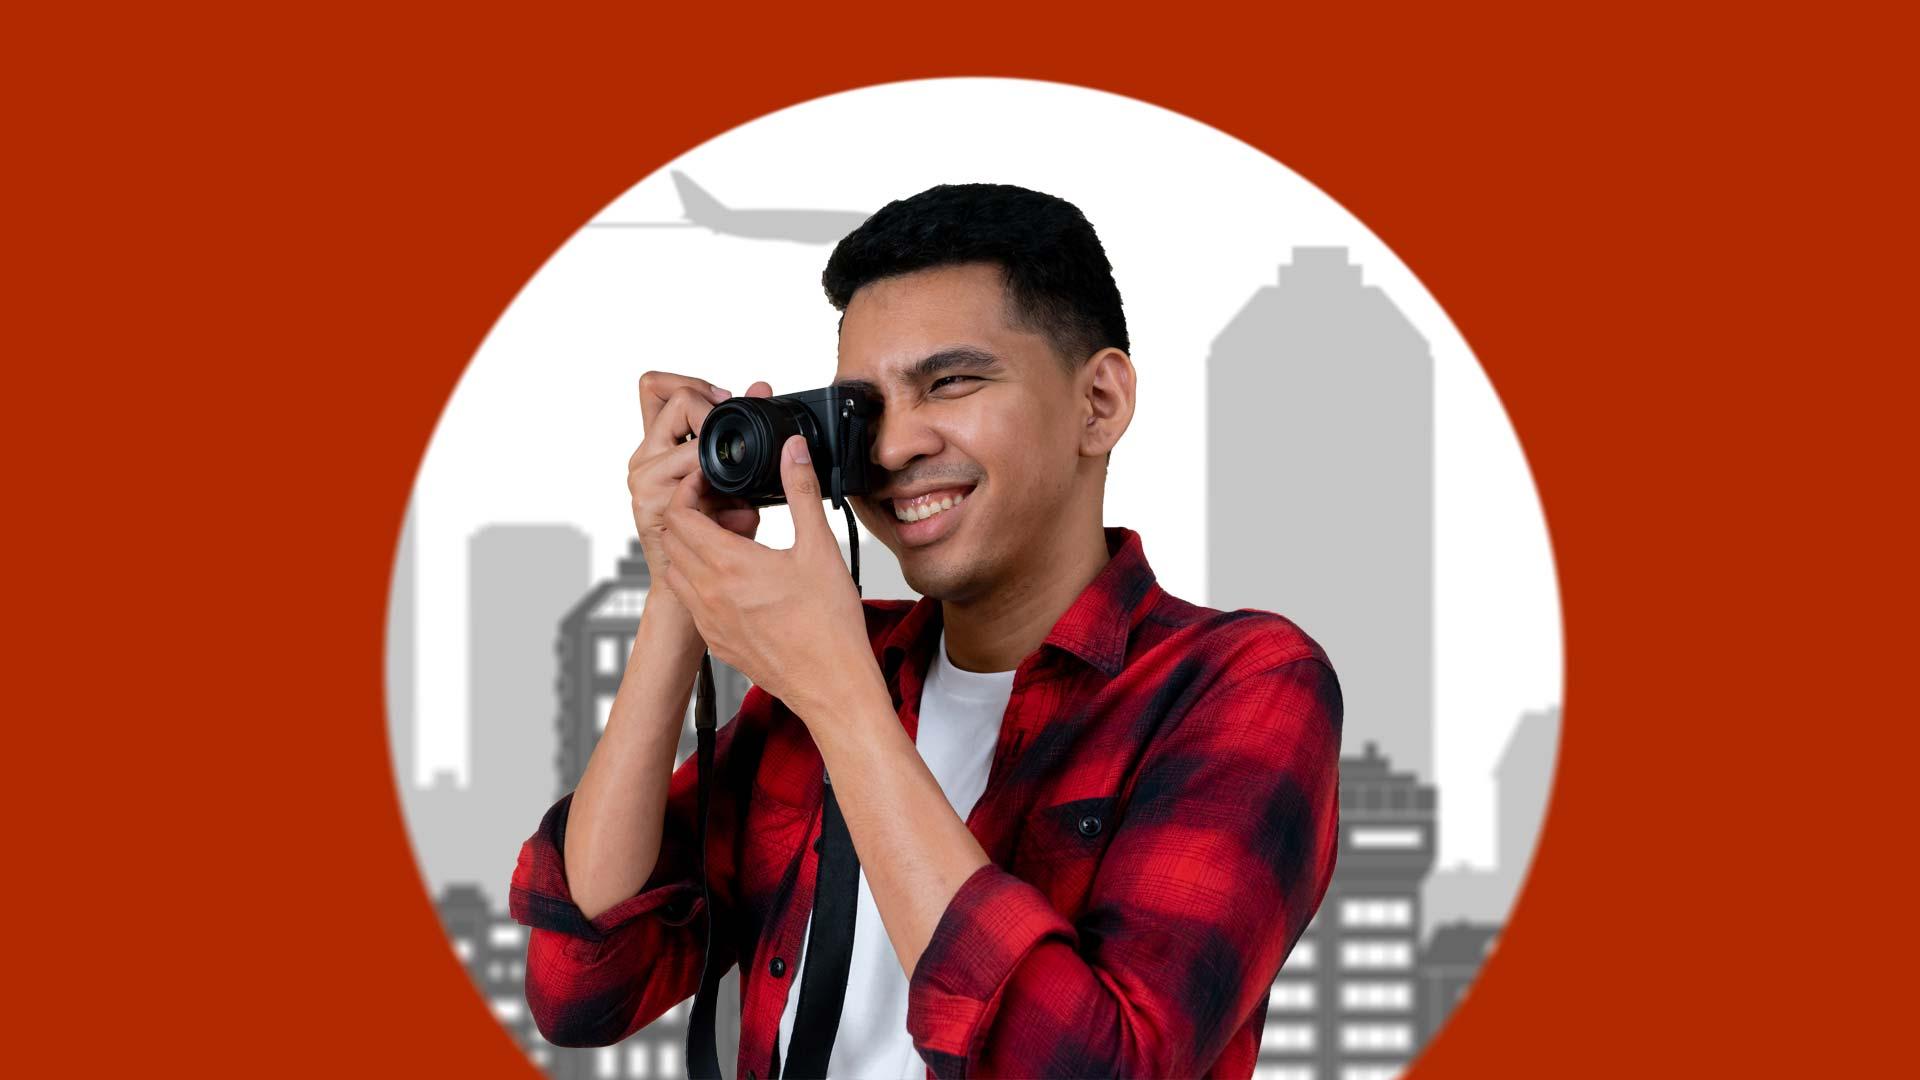 suma ventas a tu agencia con la buena fotografía inmobiliariauliarai